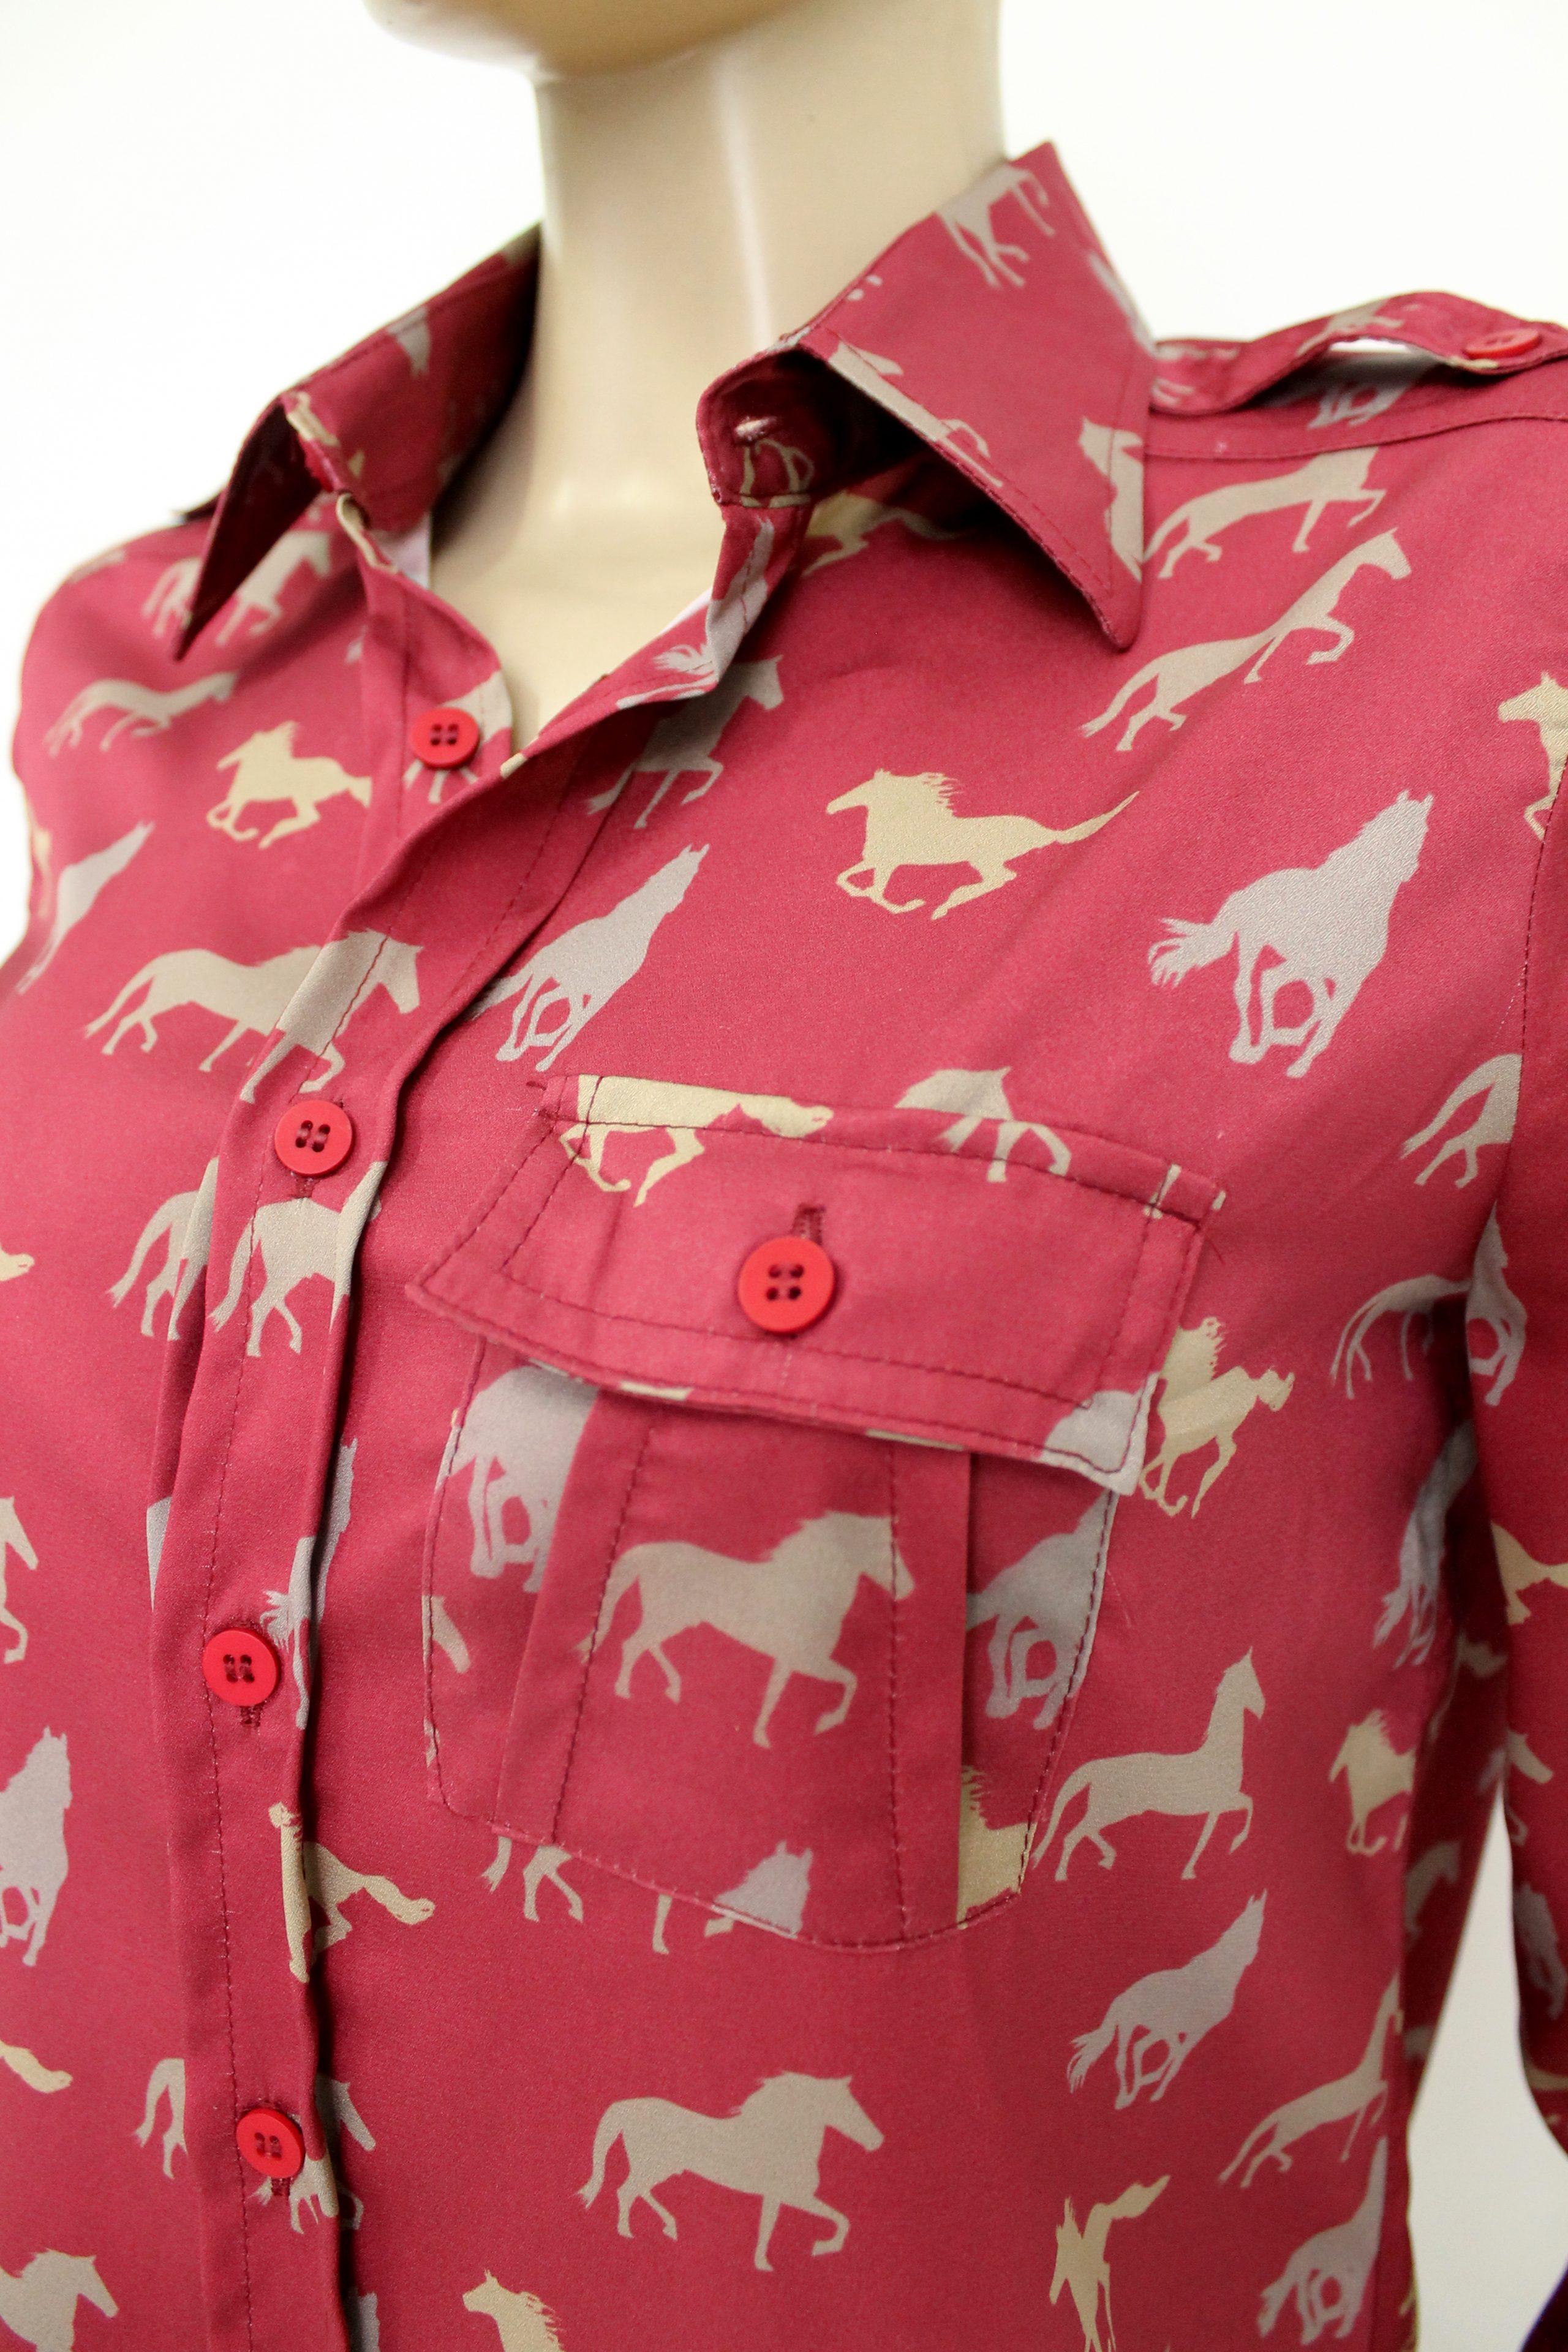 5 camisas sociais femininas de uniforme diferentes - W3 Uniformes 2e9db26c3a526